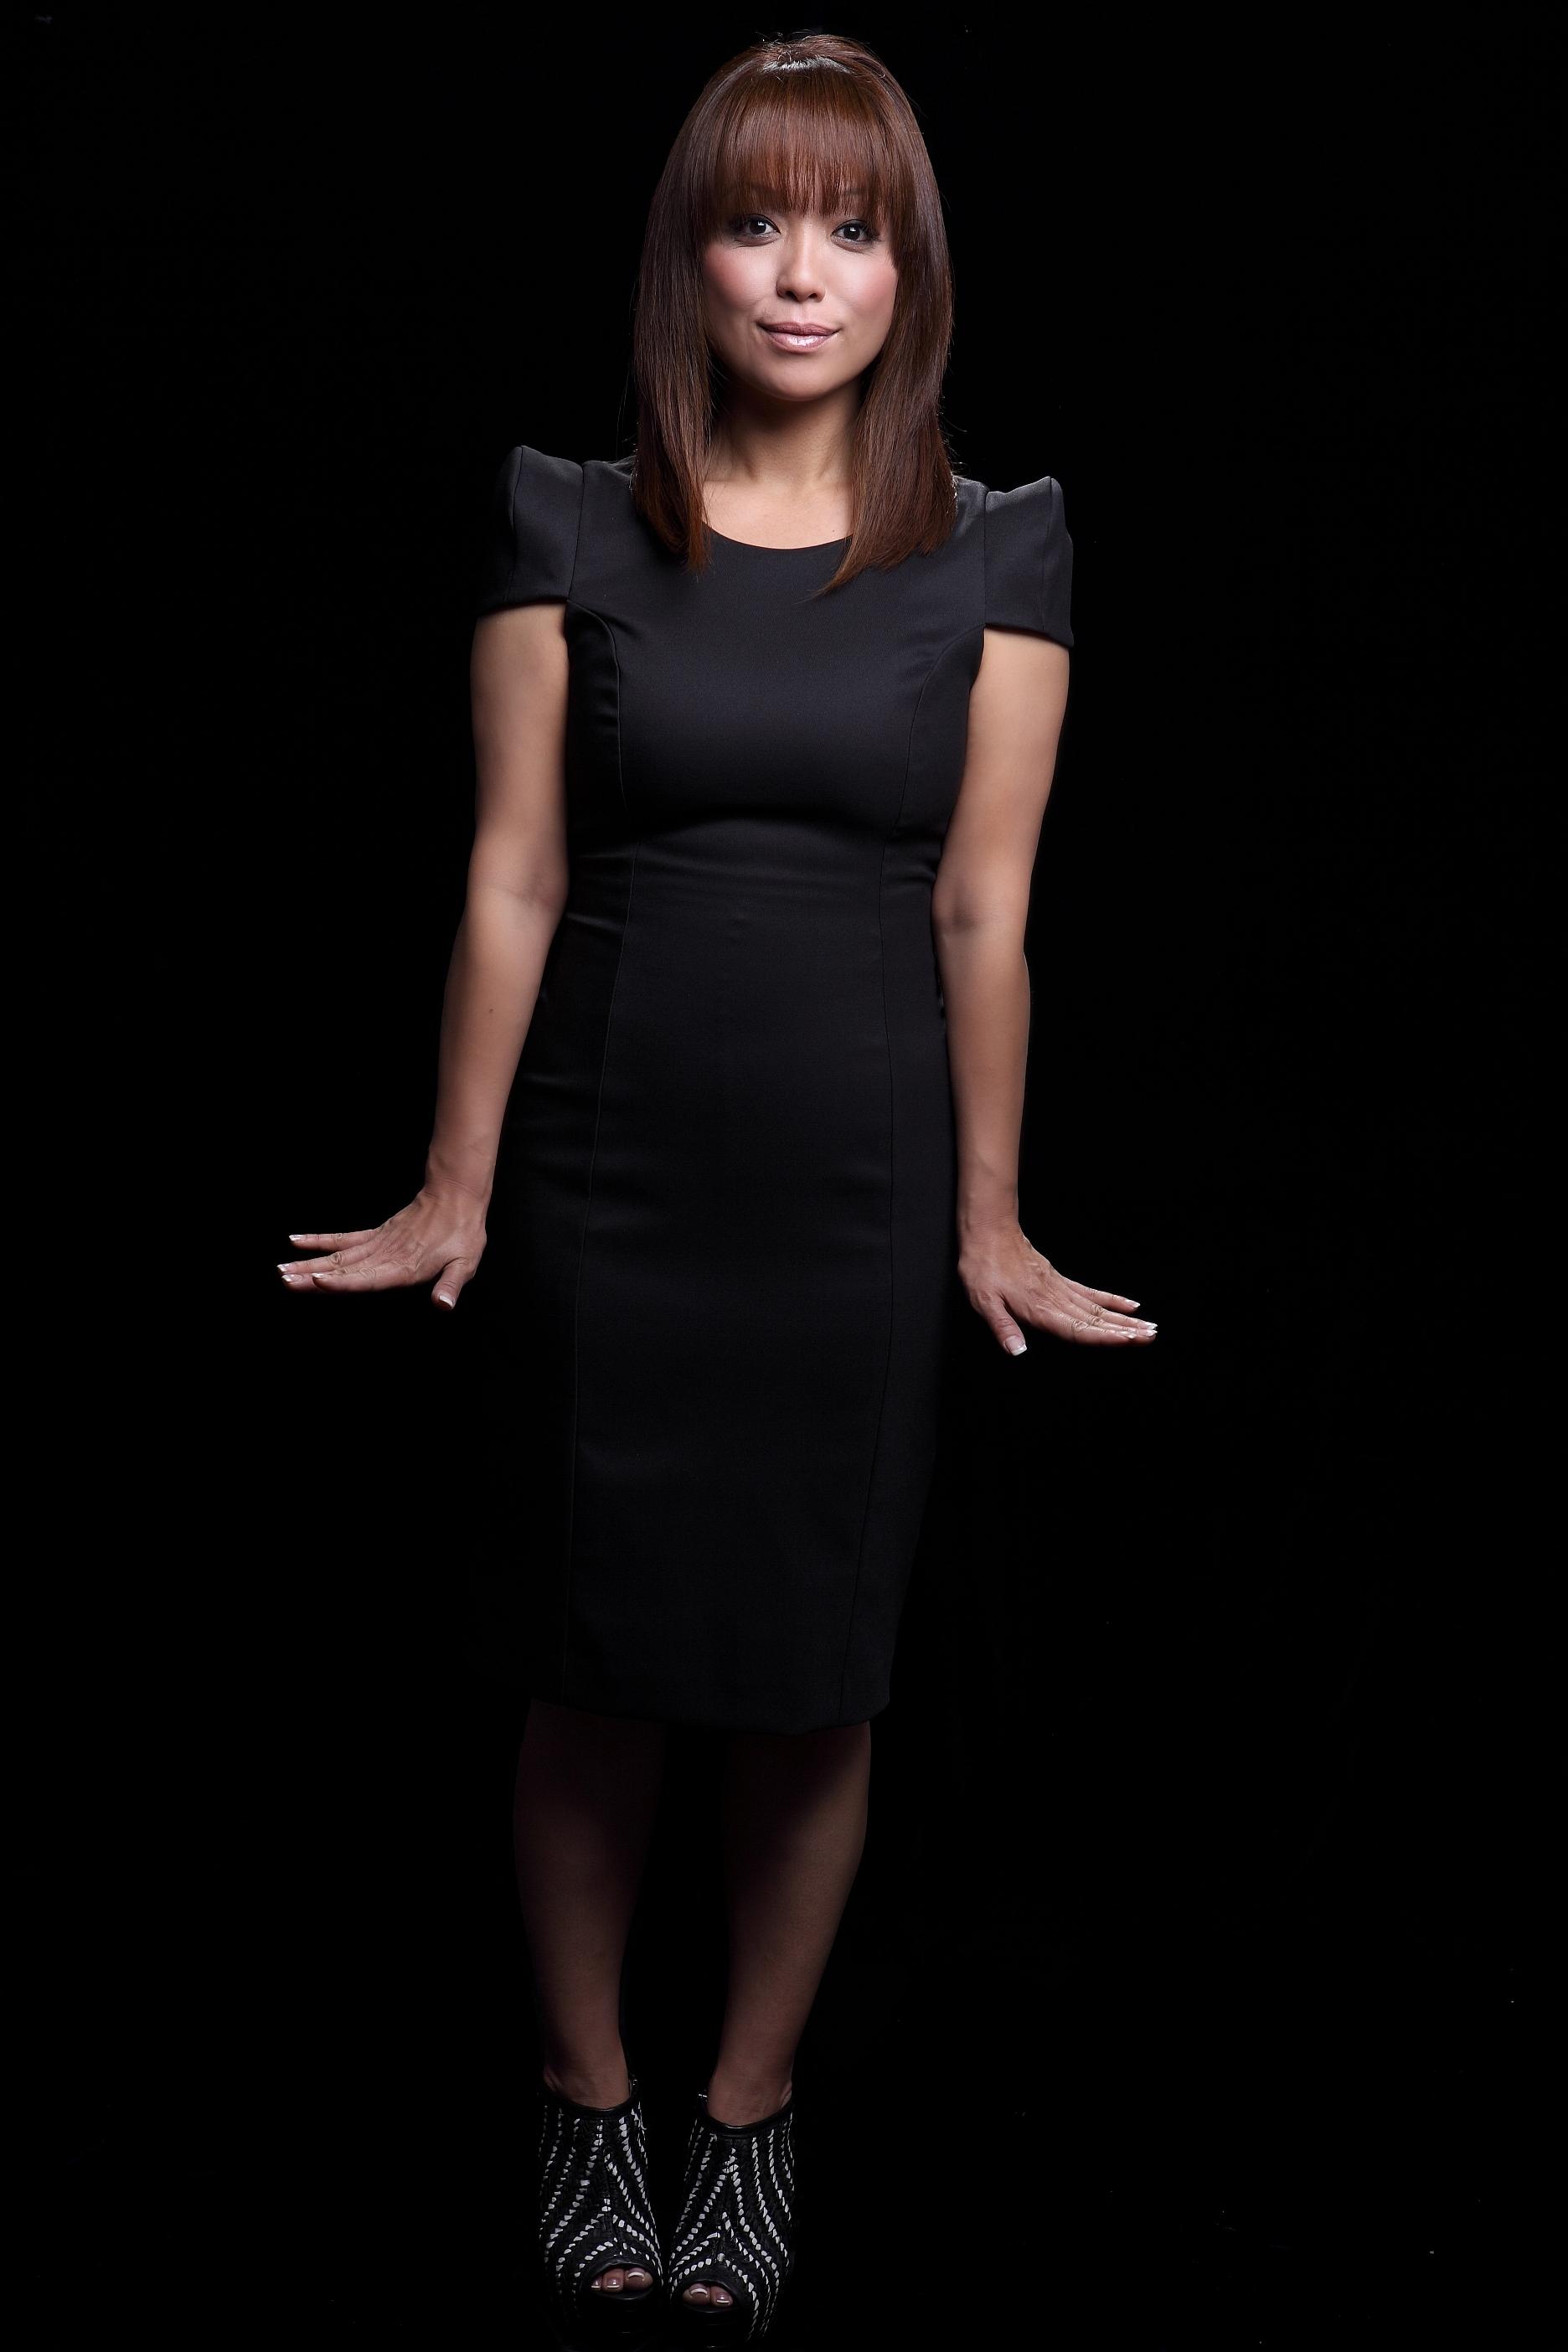 Picture of Naoko Mori